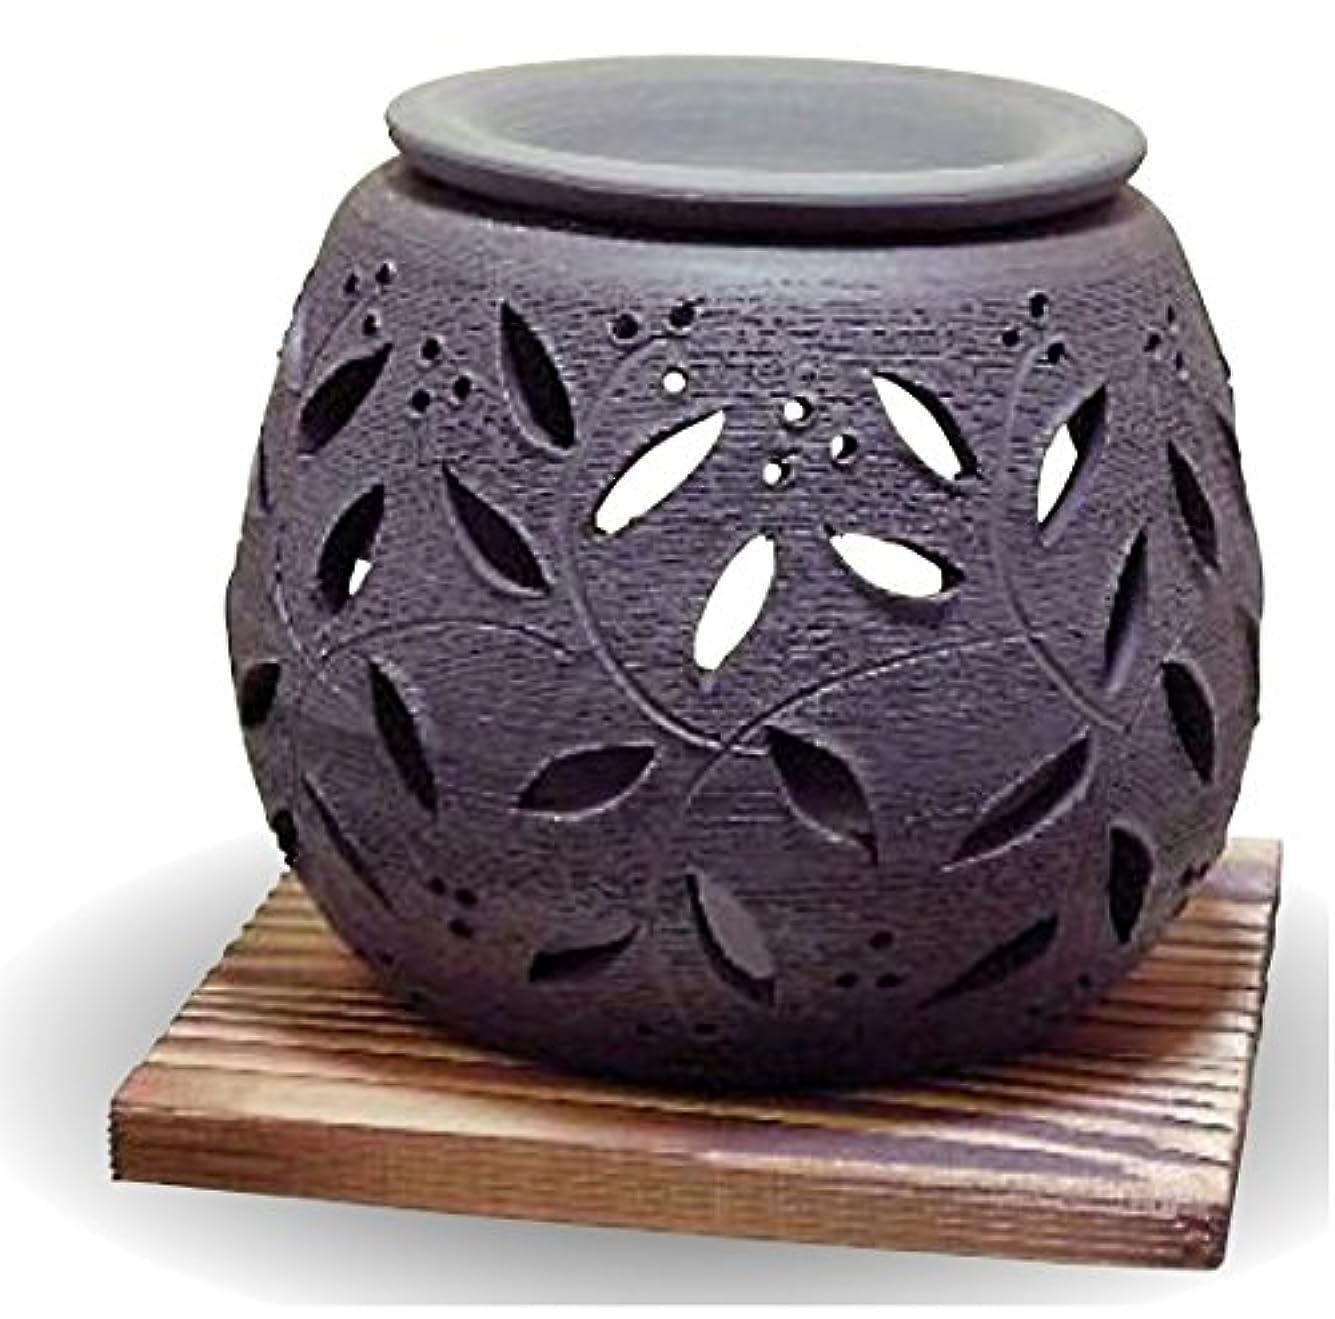 ますますシャンパンお手伝いさん常滑焼 茶香炉(アロマポット)径10×高さ9cm